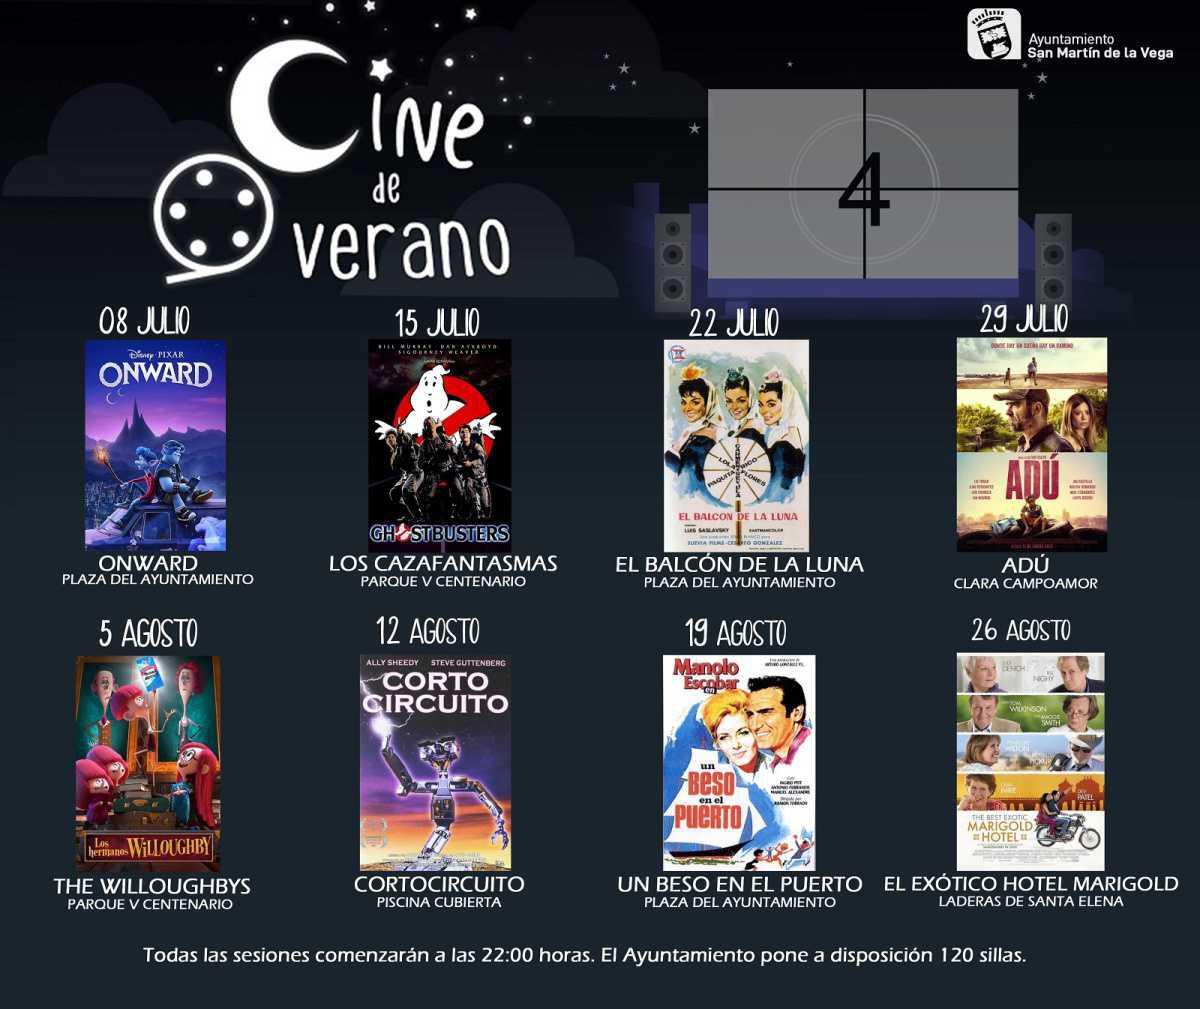 Comienzan las noches de cine de verano 2021 en San Martín de la Vega